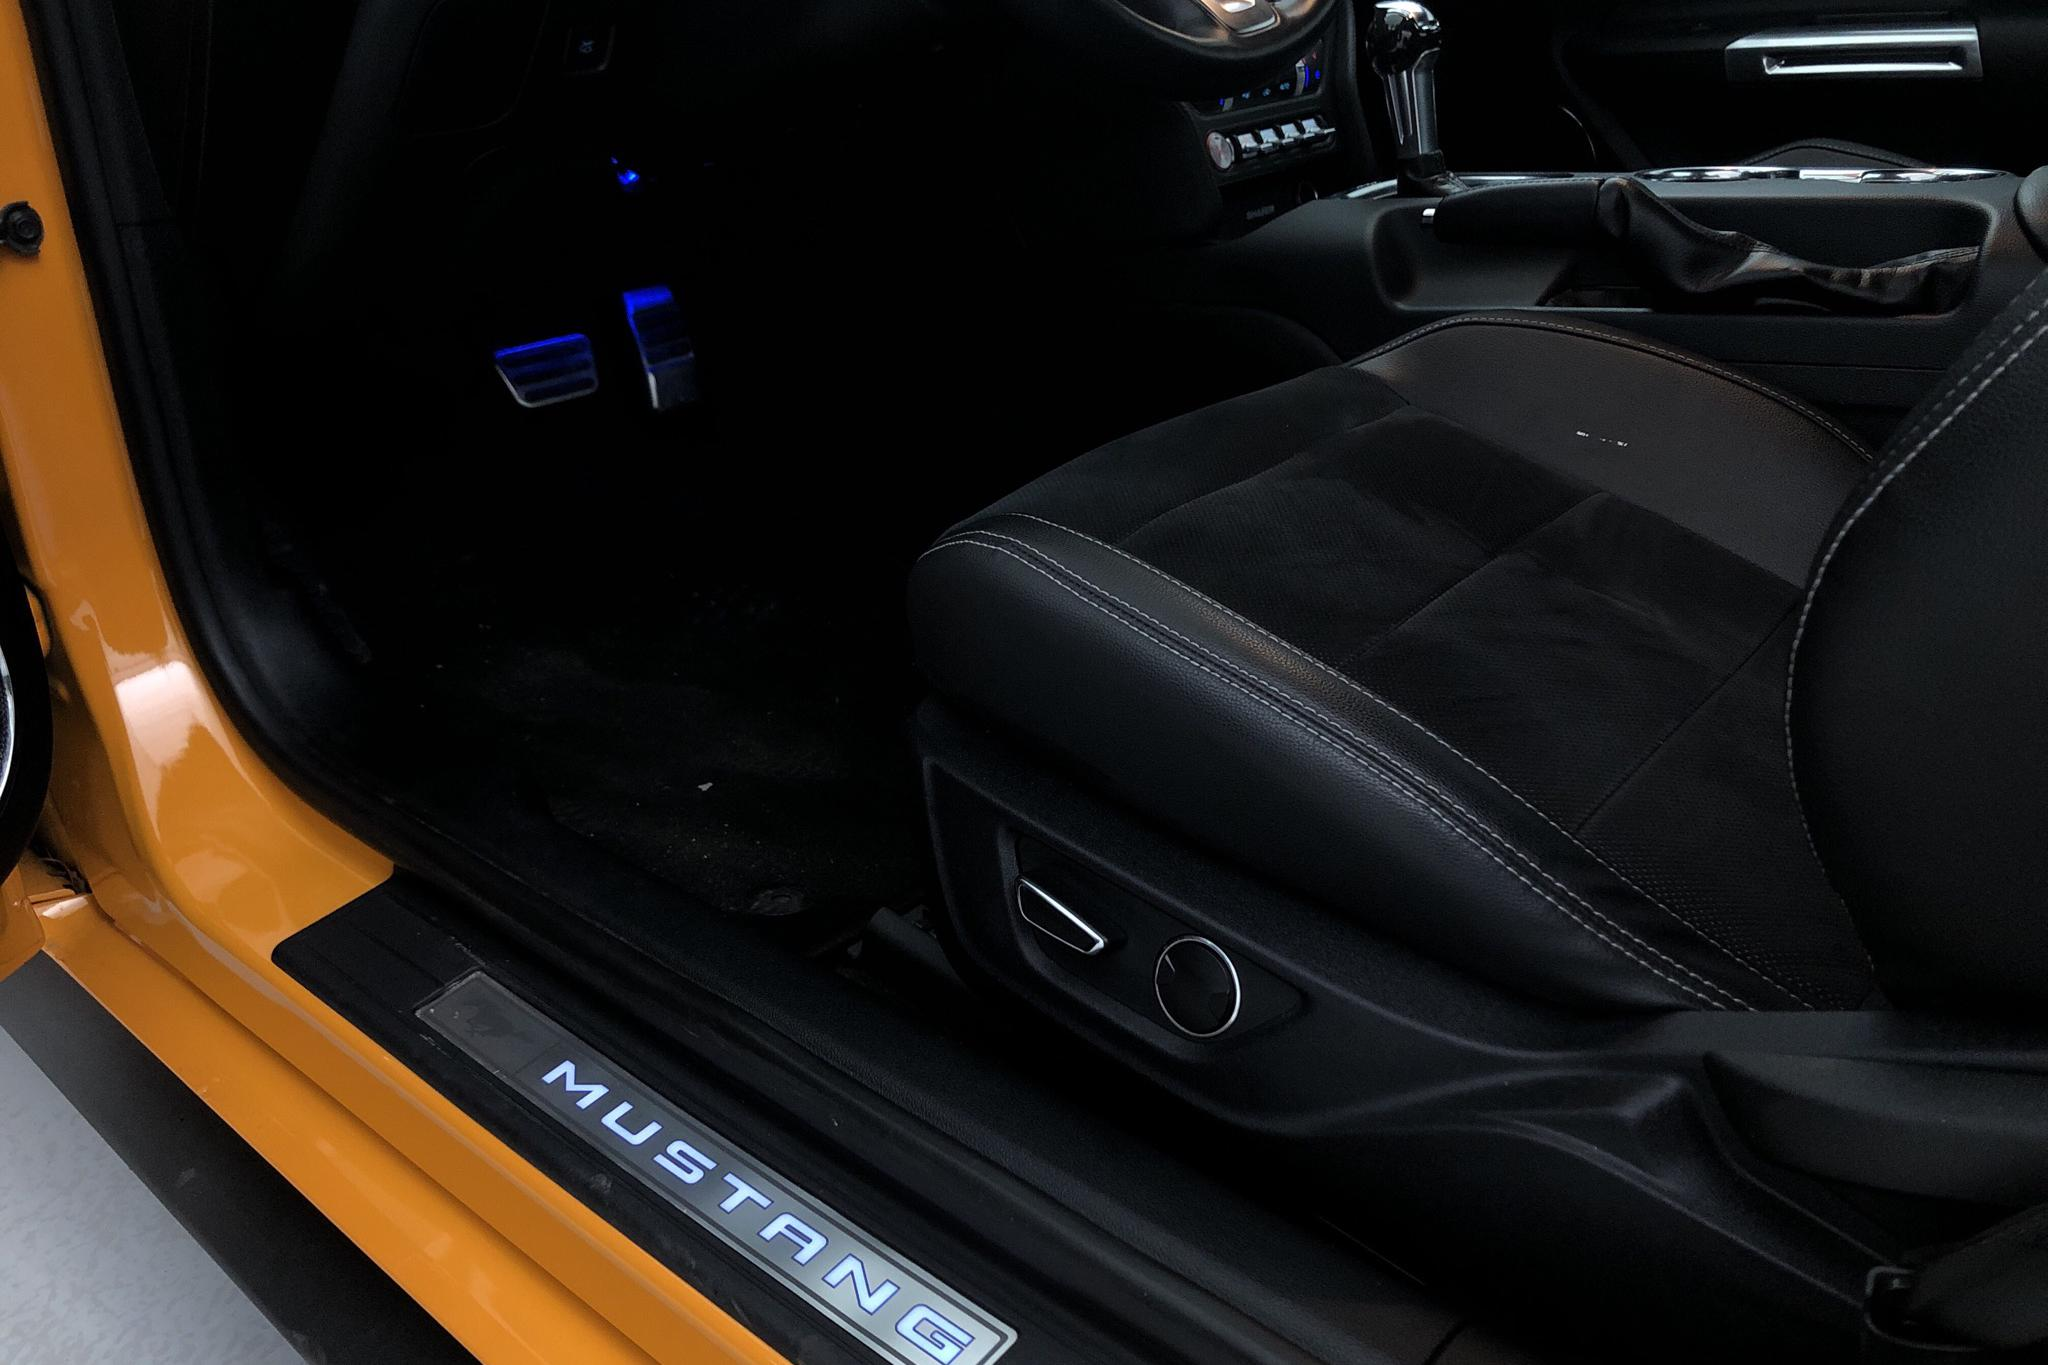 Ford Mustang GT V8 Fastback (450hk) - 898 mil - Automat - orange - 2018